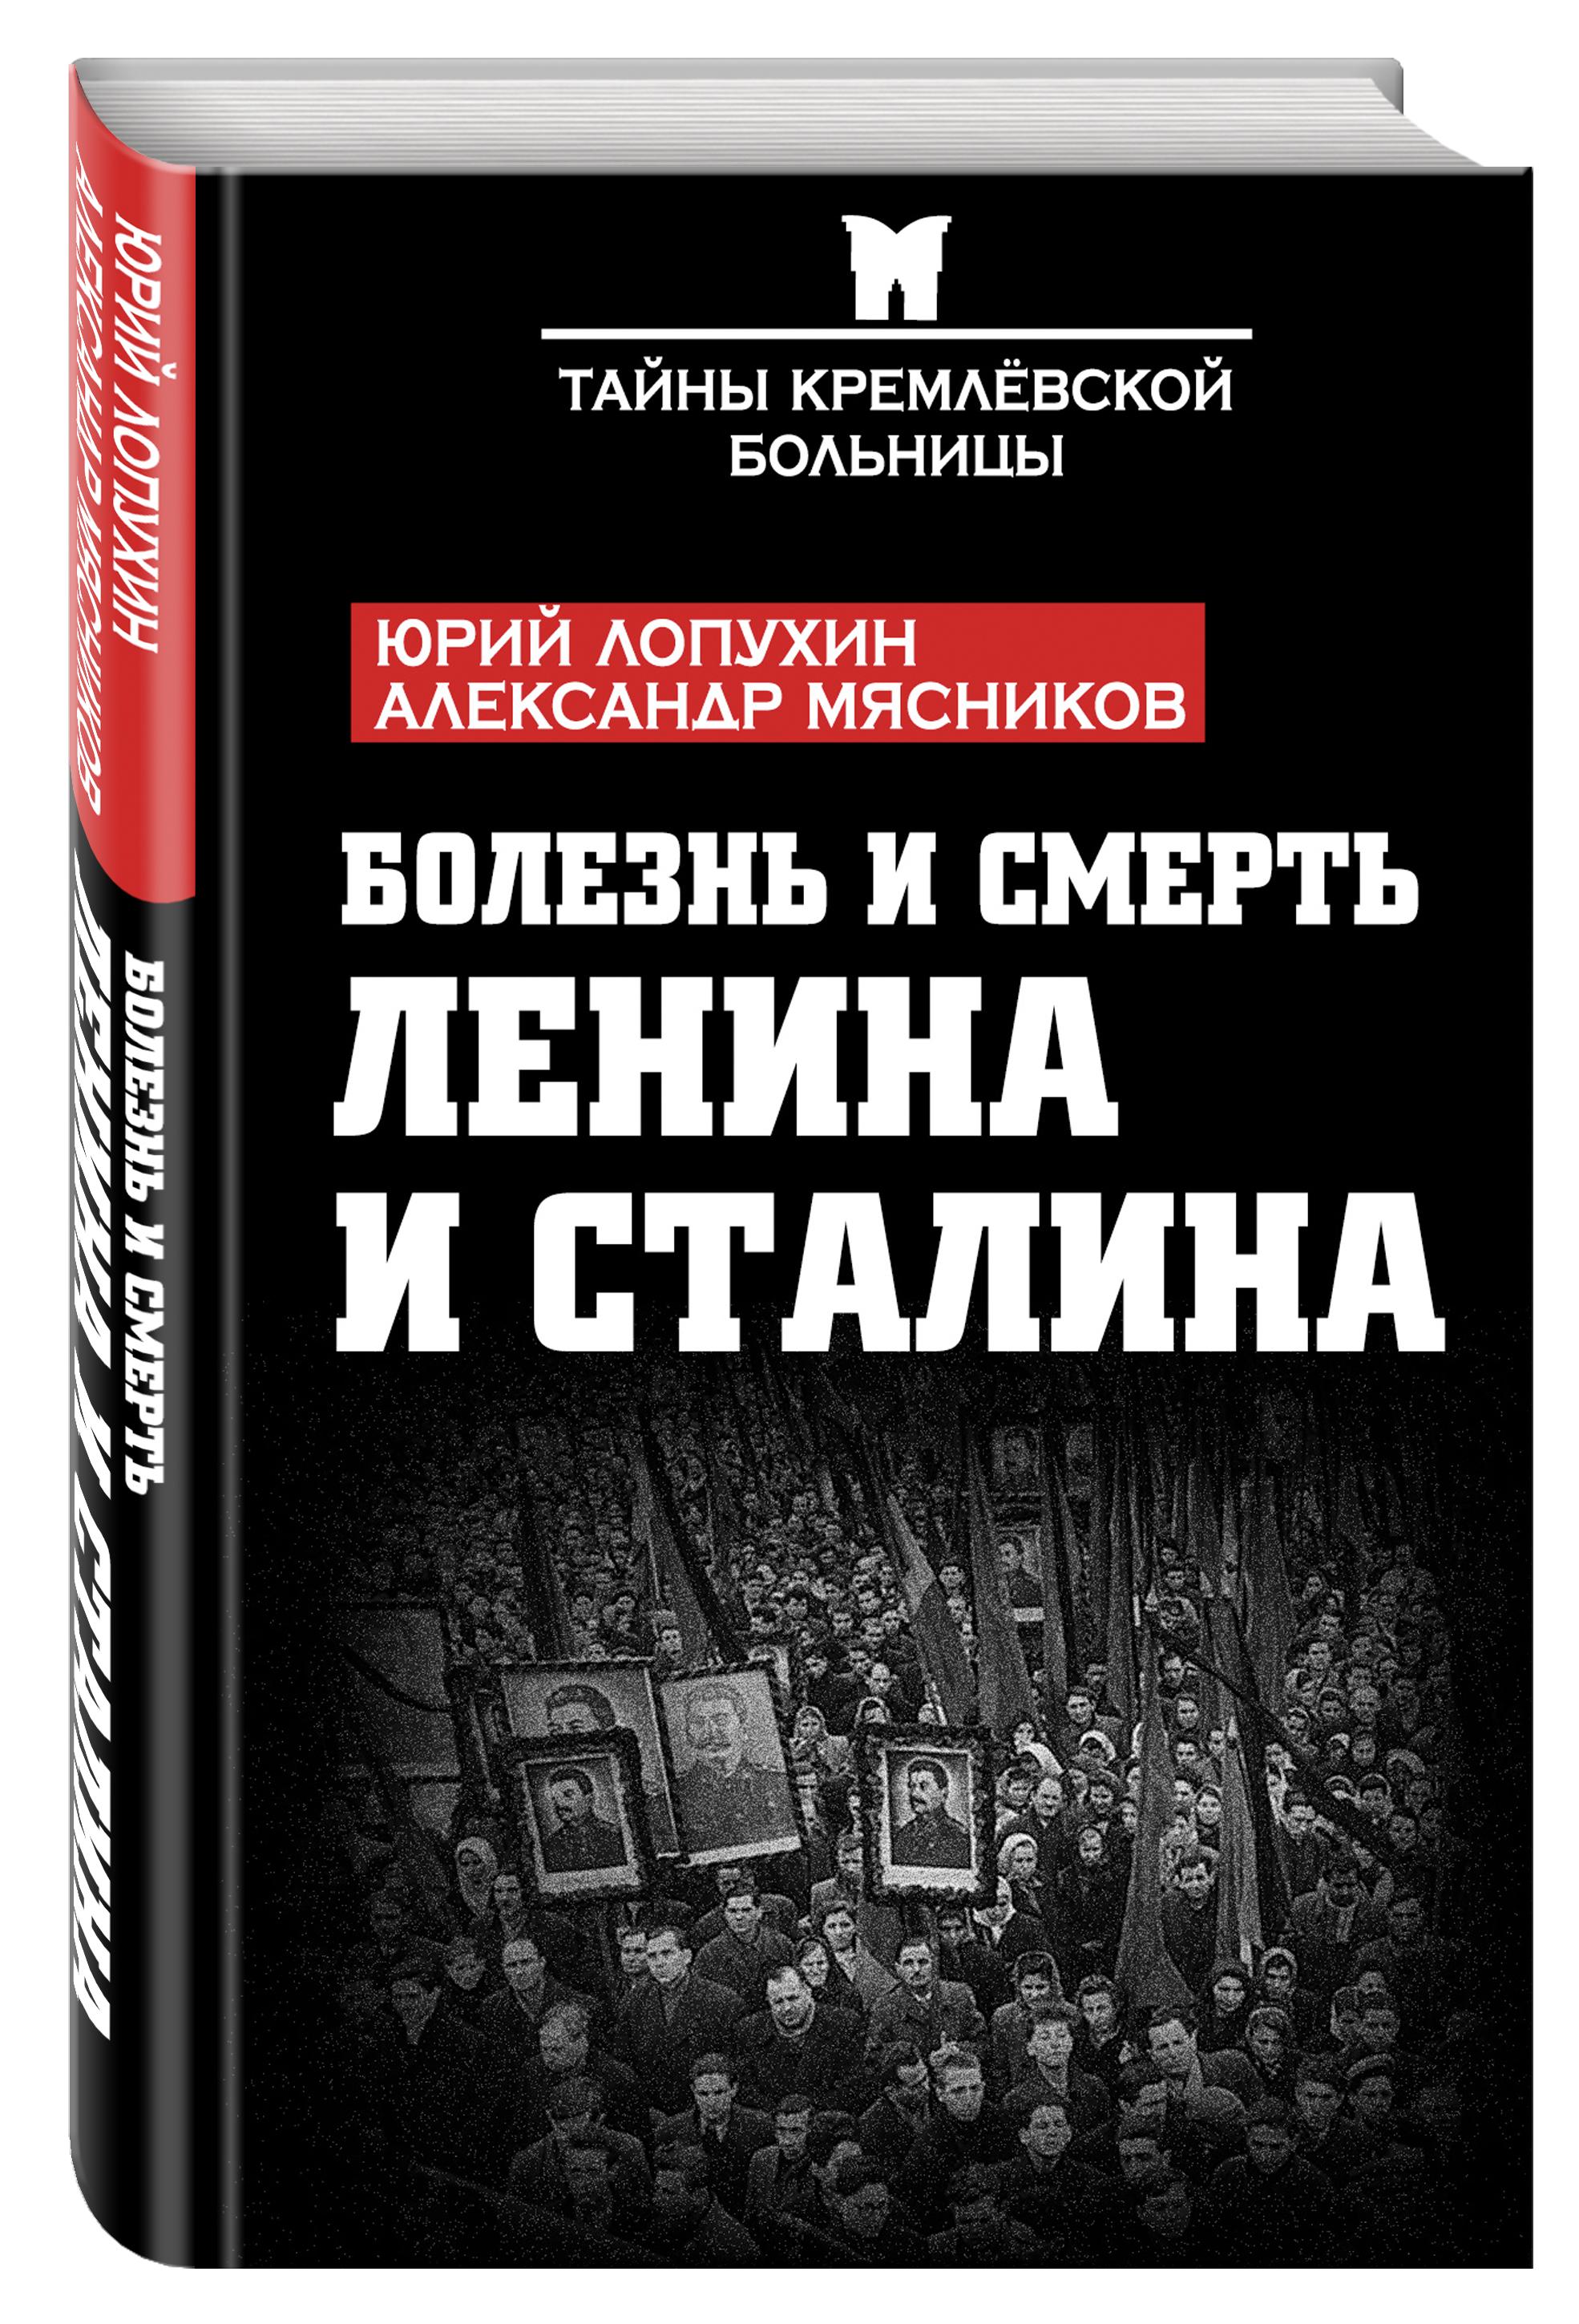 Юрий Лопухин, Александр Мясников Болезнь и смерть Ленина и Сталина